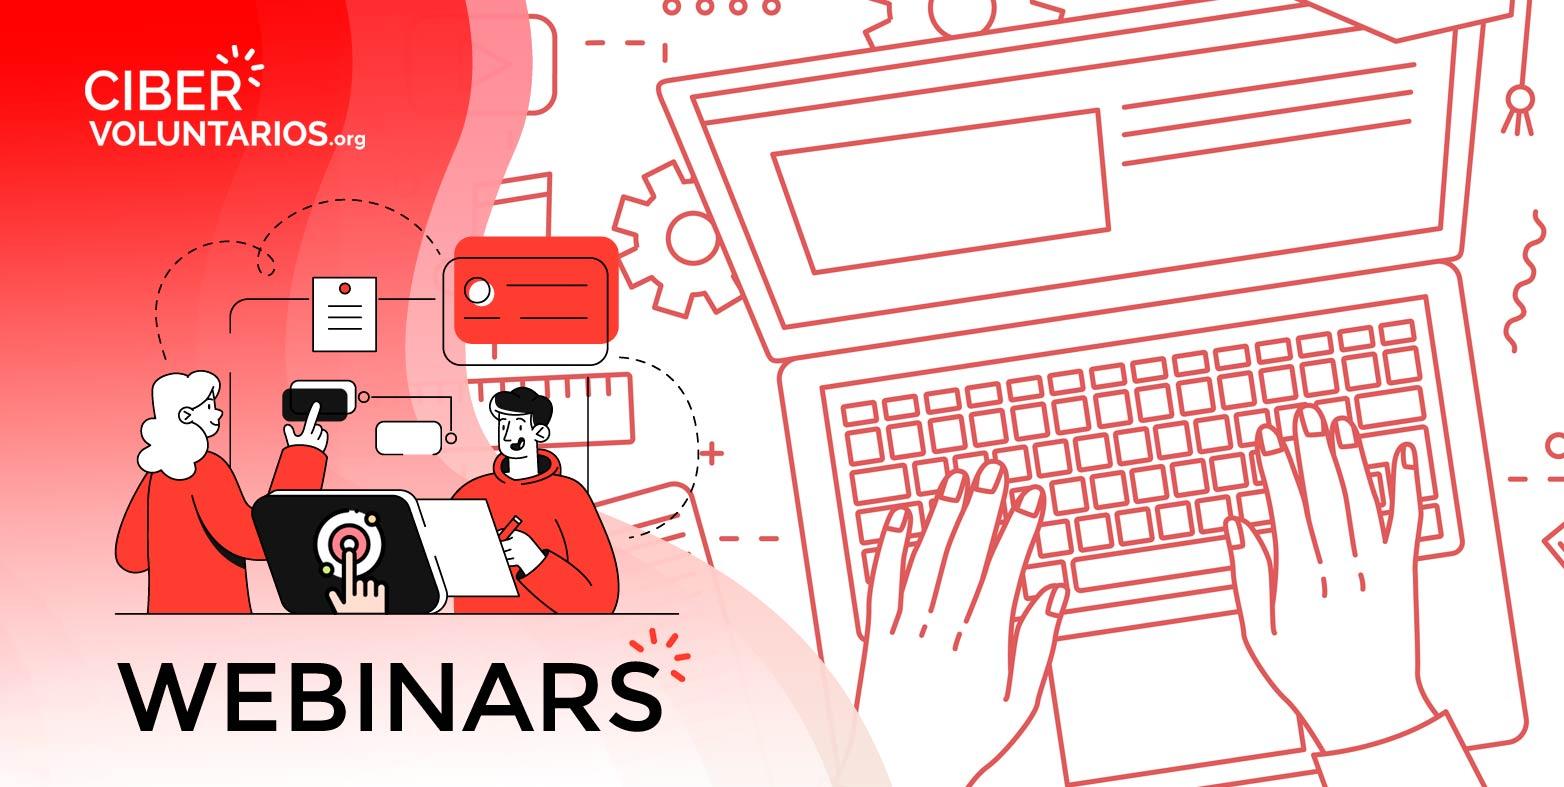 Nuevos talleres de formación online en Competencias Digitales con Cibervoluntarios